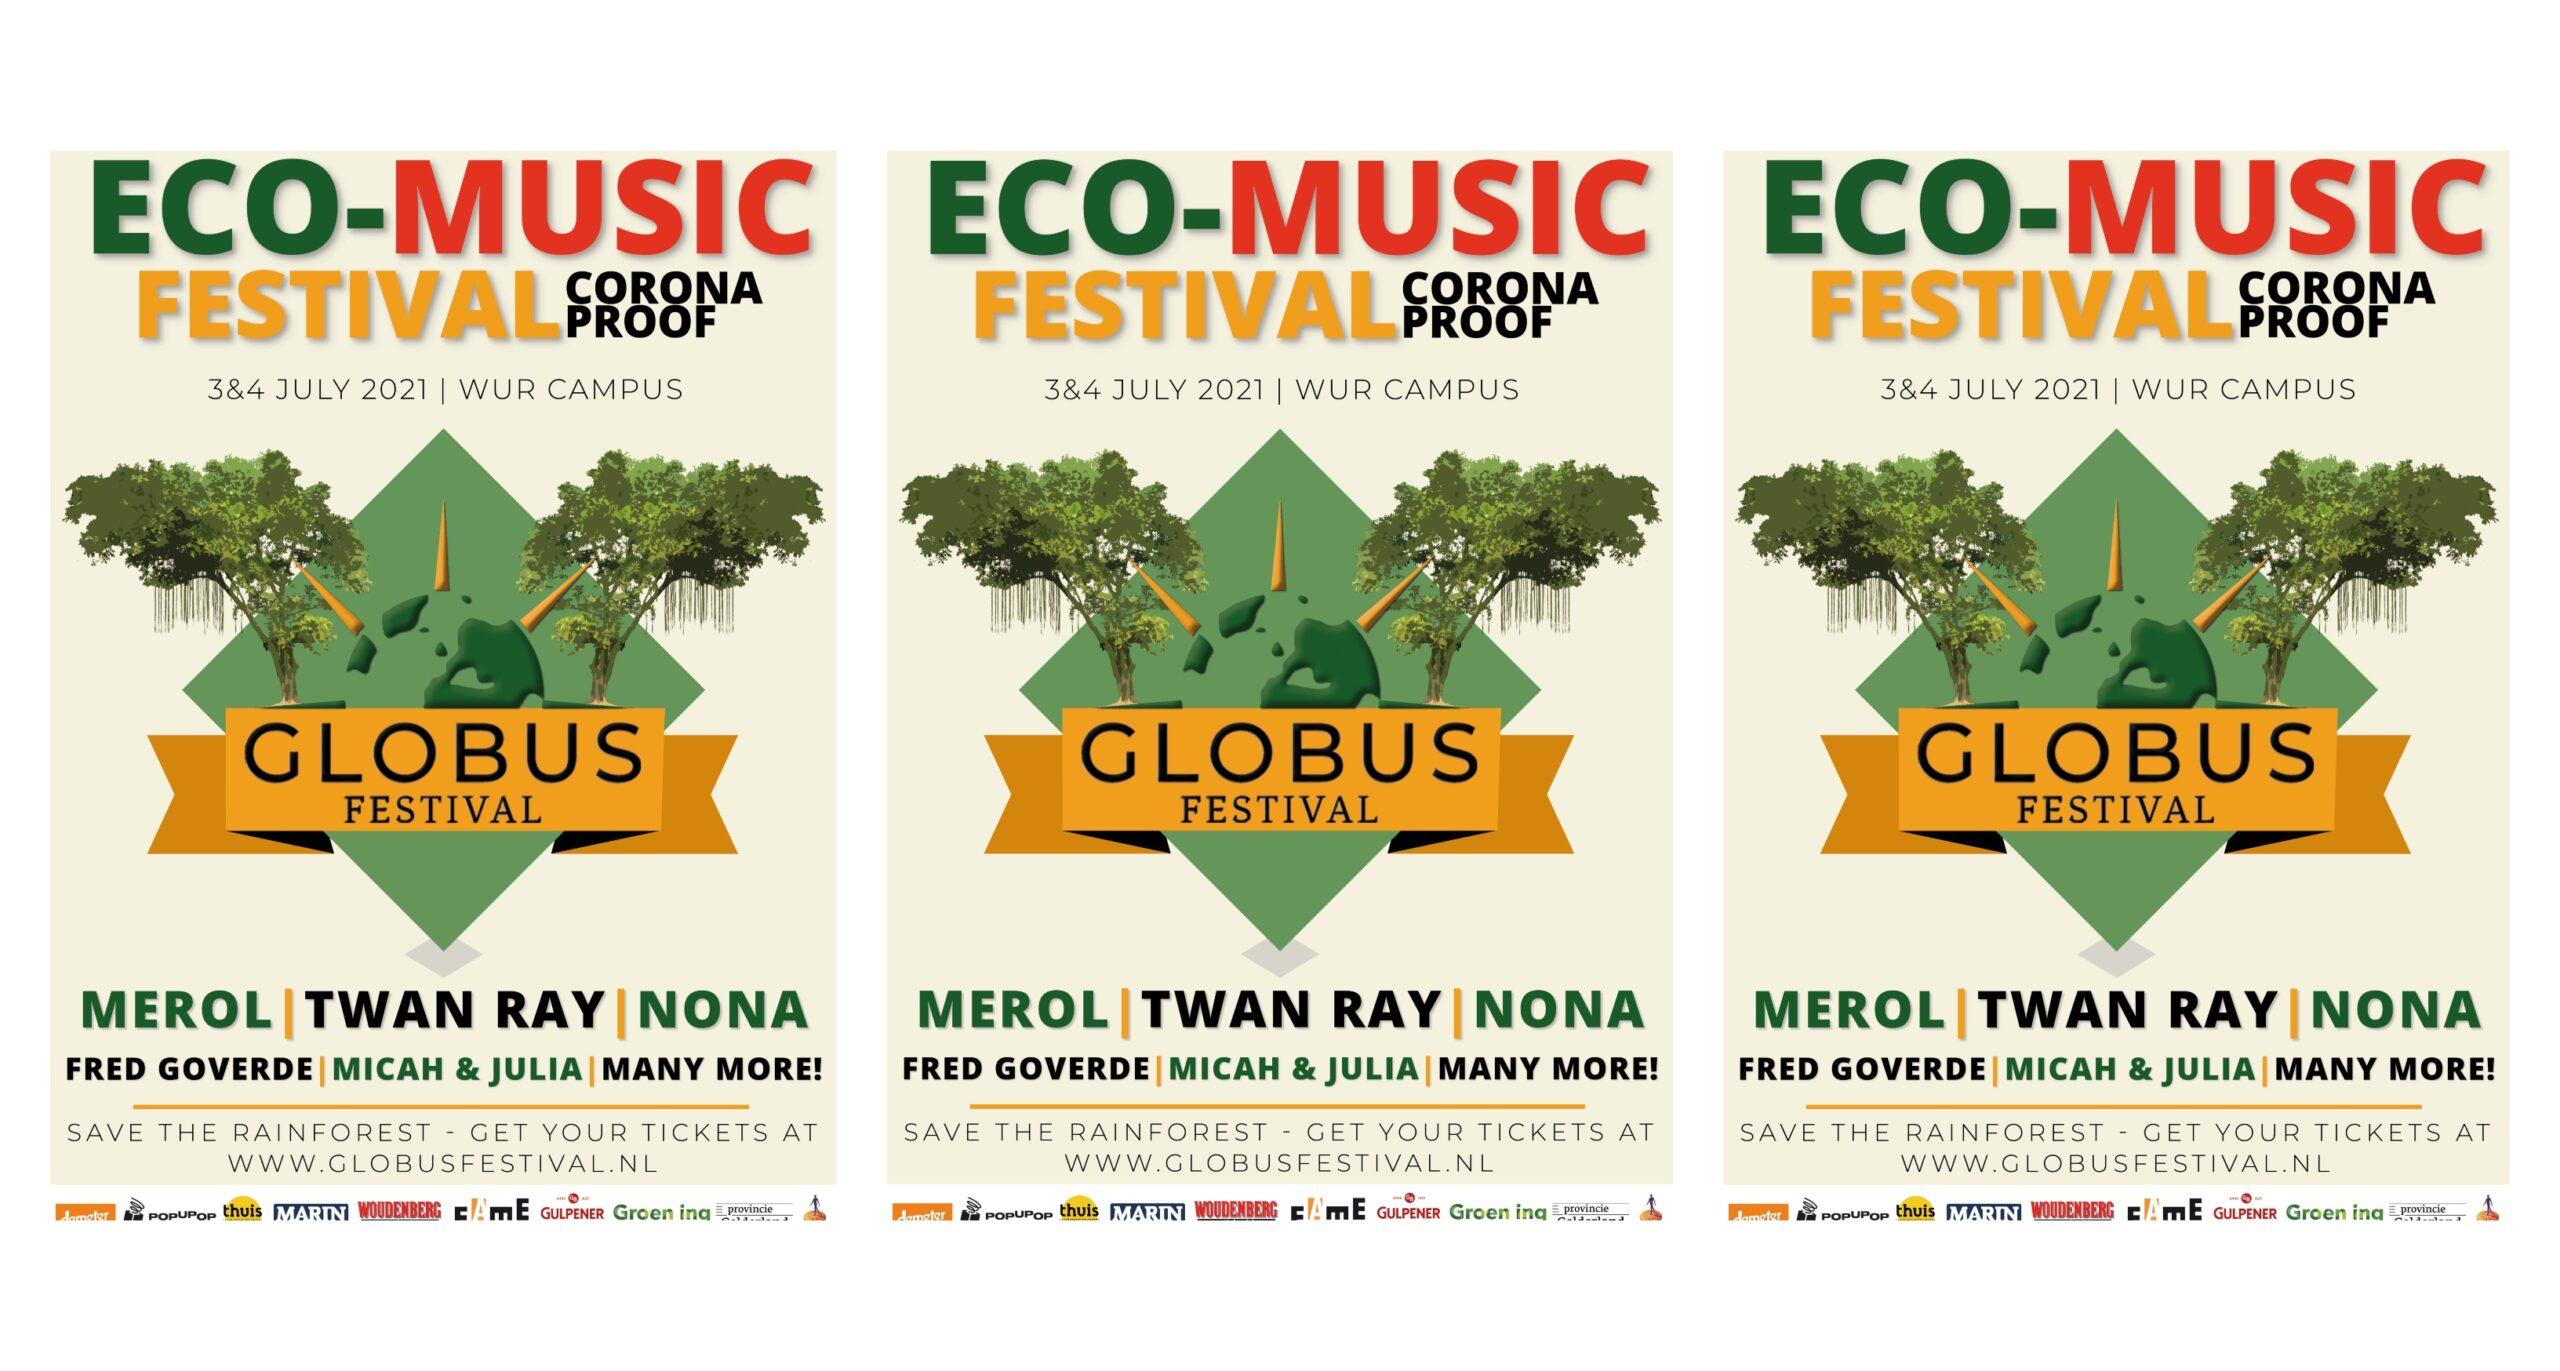 Een festival op de campus?